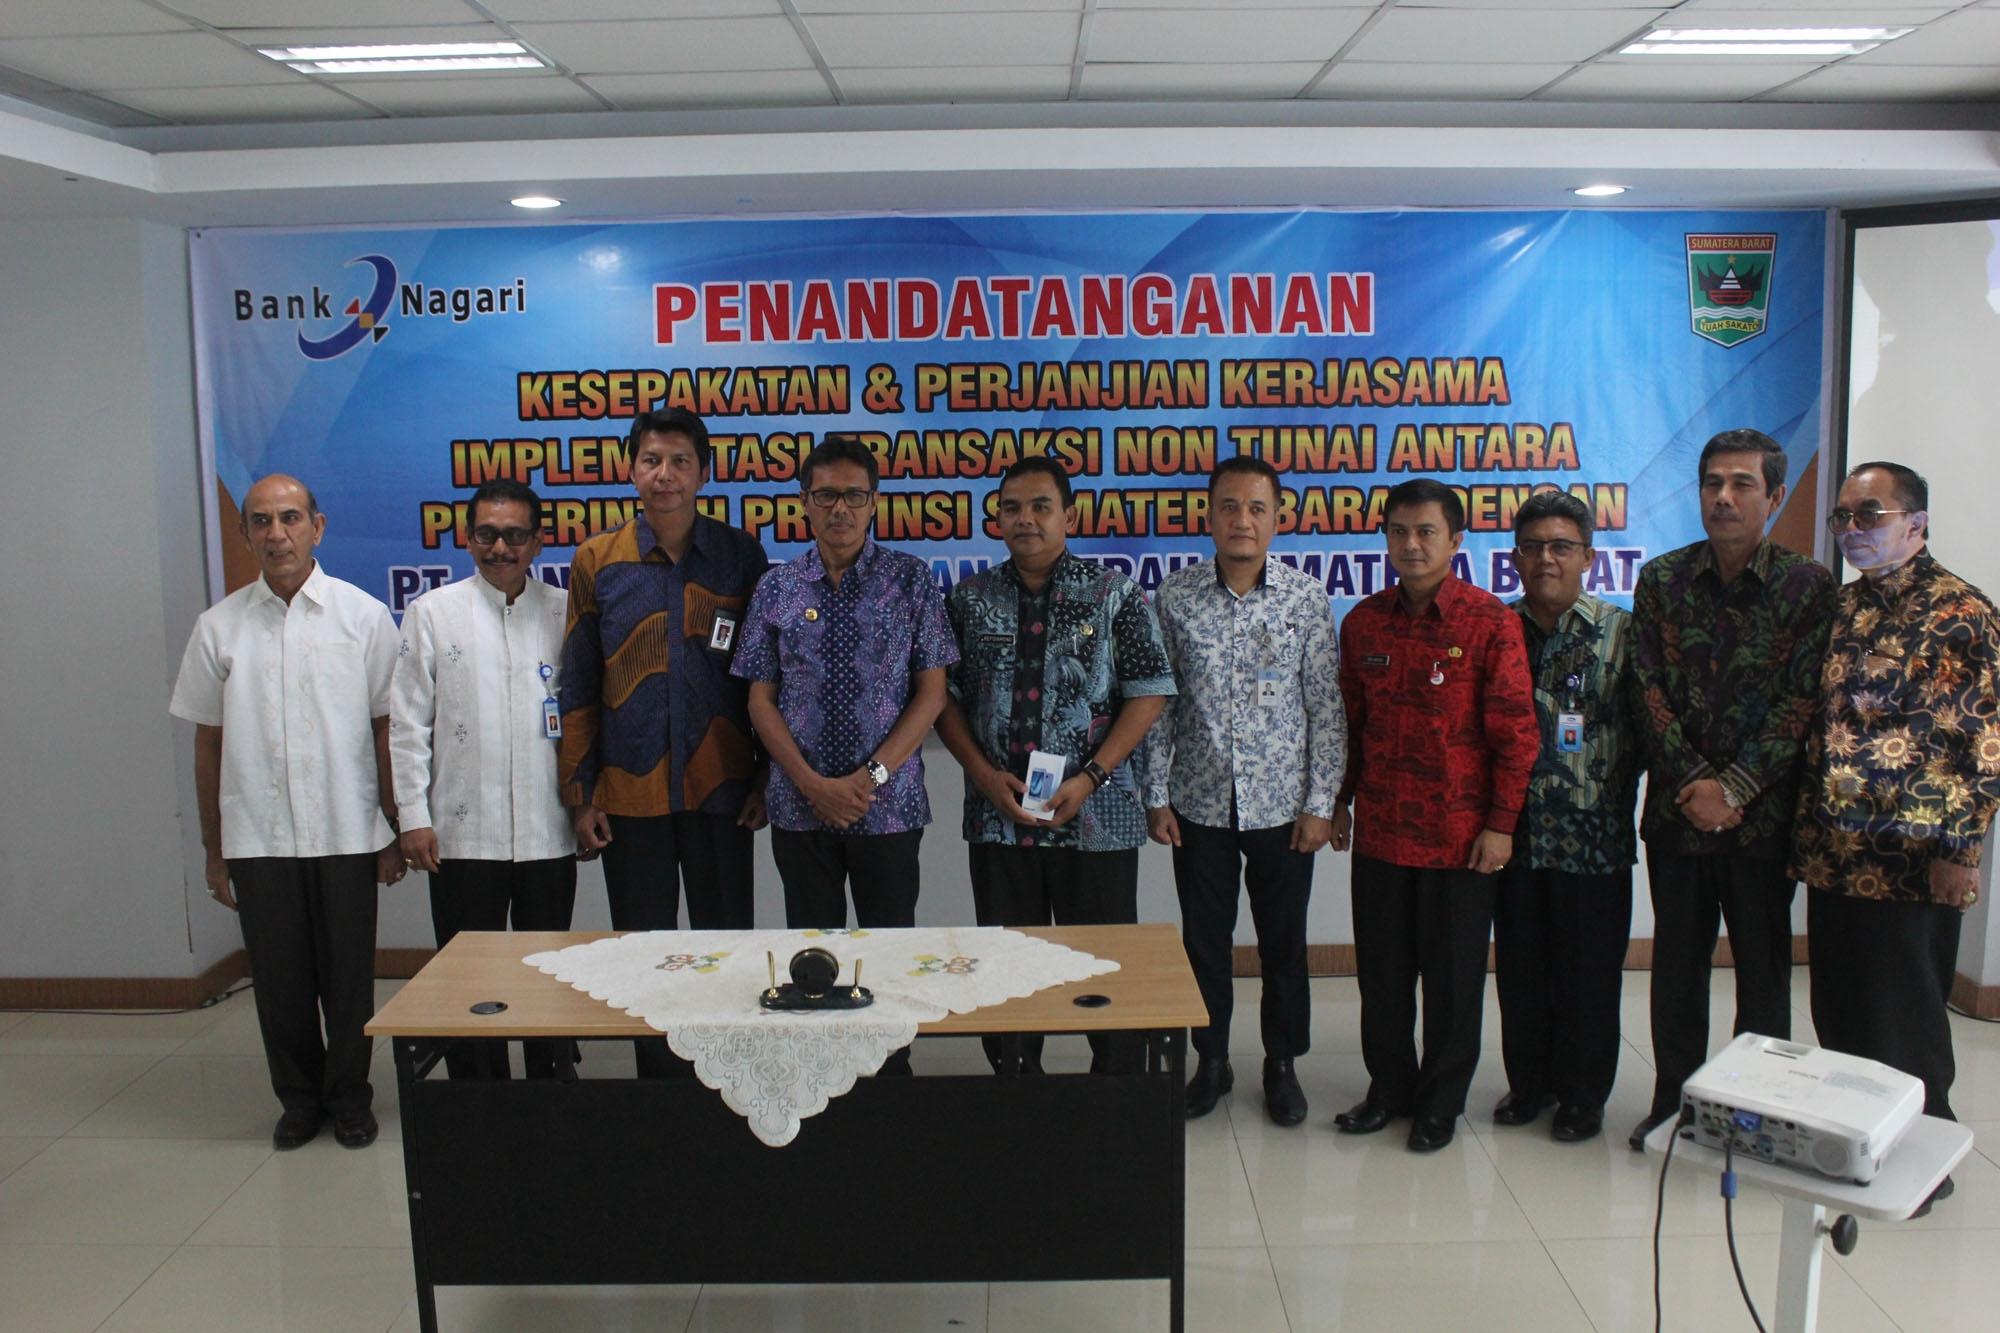 Foto bersama setelah acara penandatanganan kerjasama